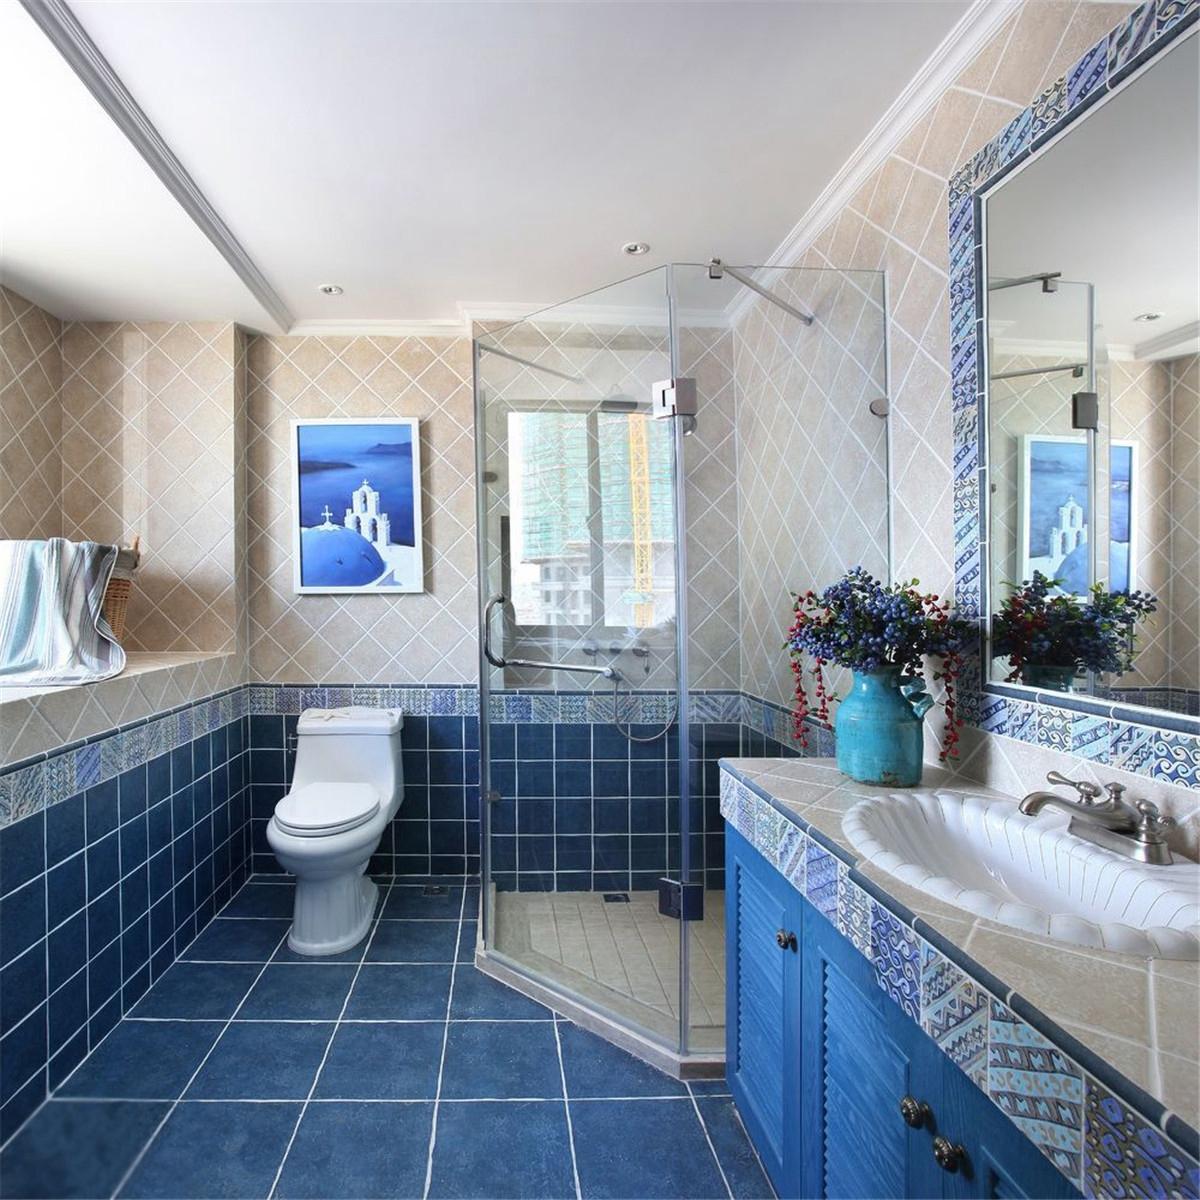 主人把洗手盆和坐便器安排在浴室的外面,单独做了一个淋浴房.